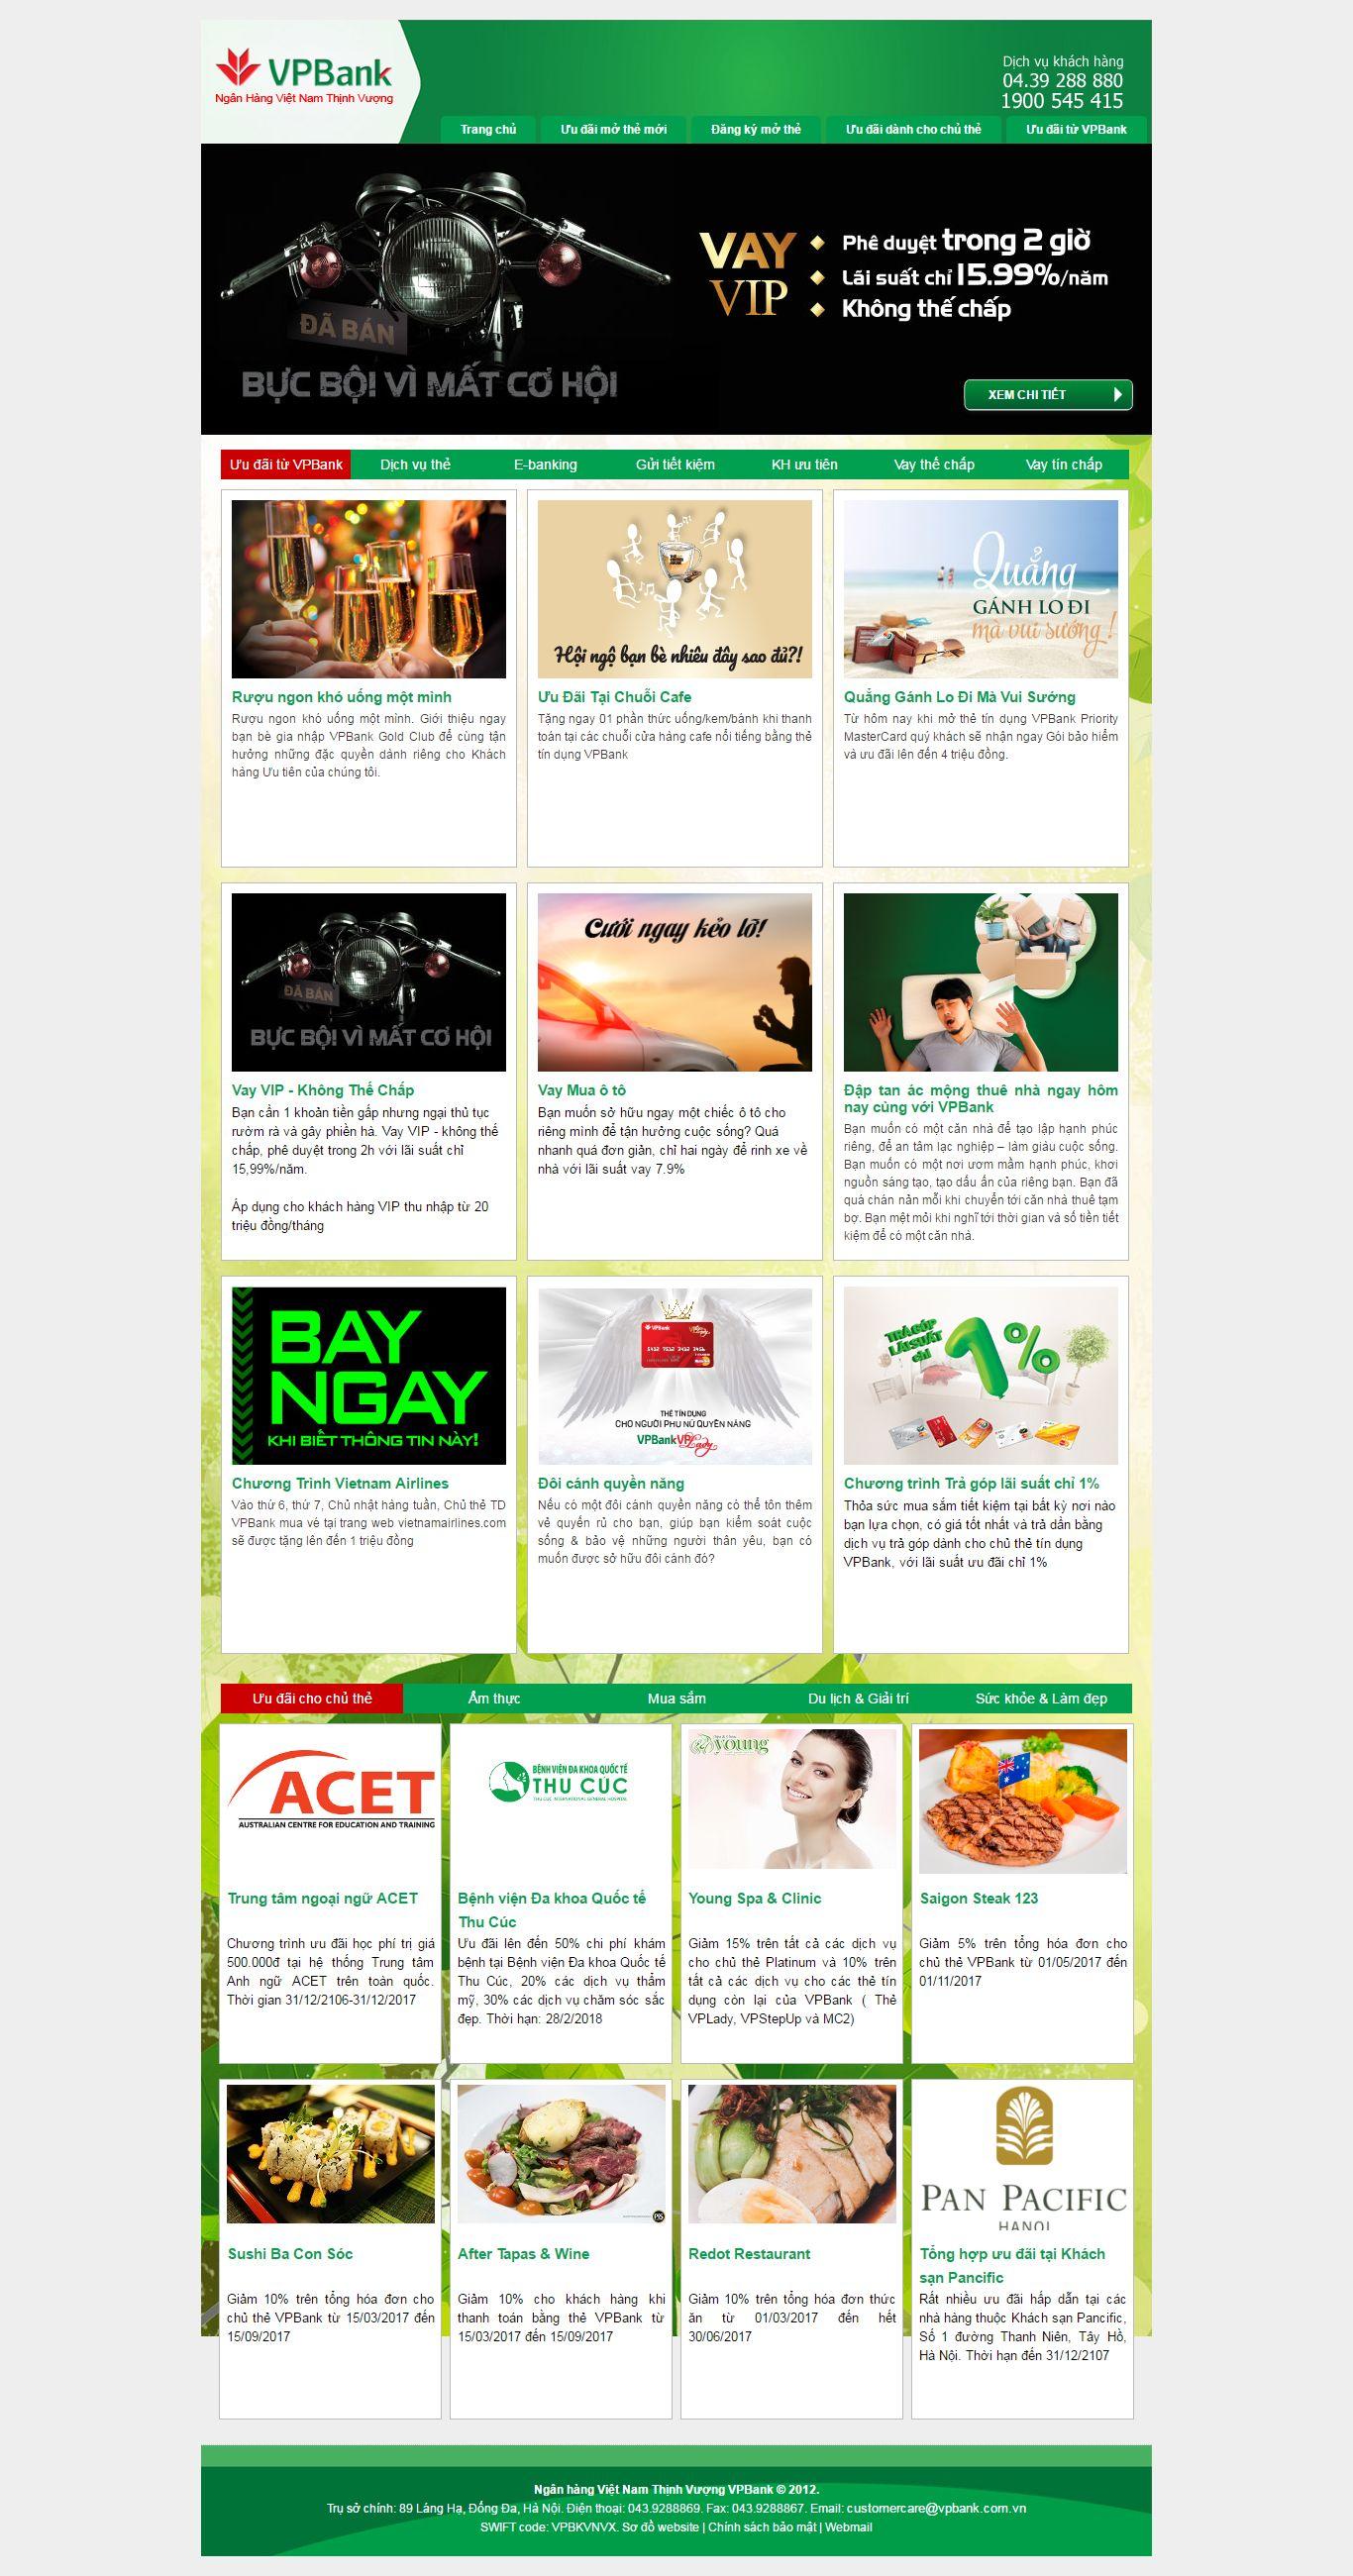 Thiết kế website ưu đãi cá nhân VP bank đẹp, chuyên nghiệp chuẩn SEO